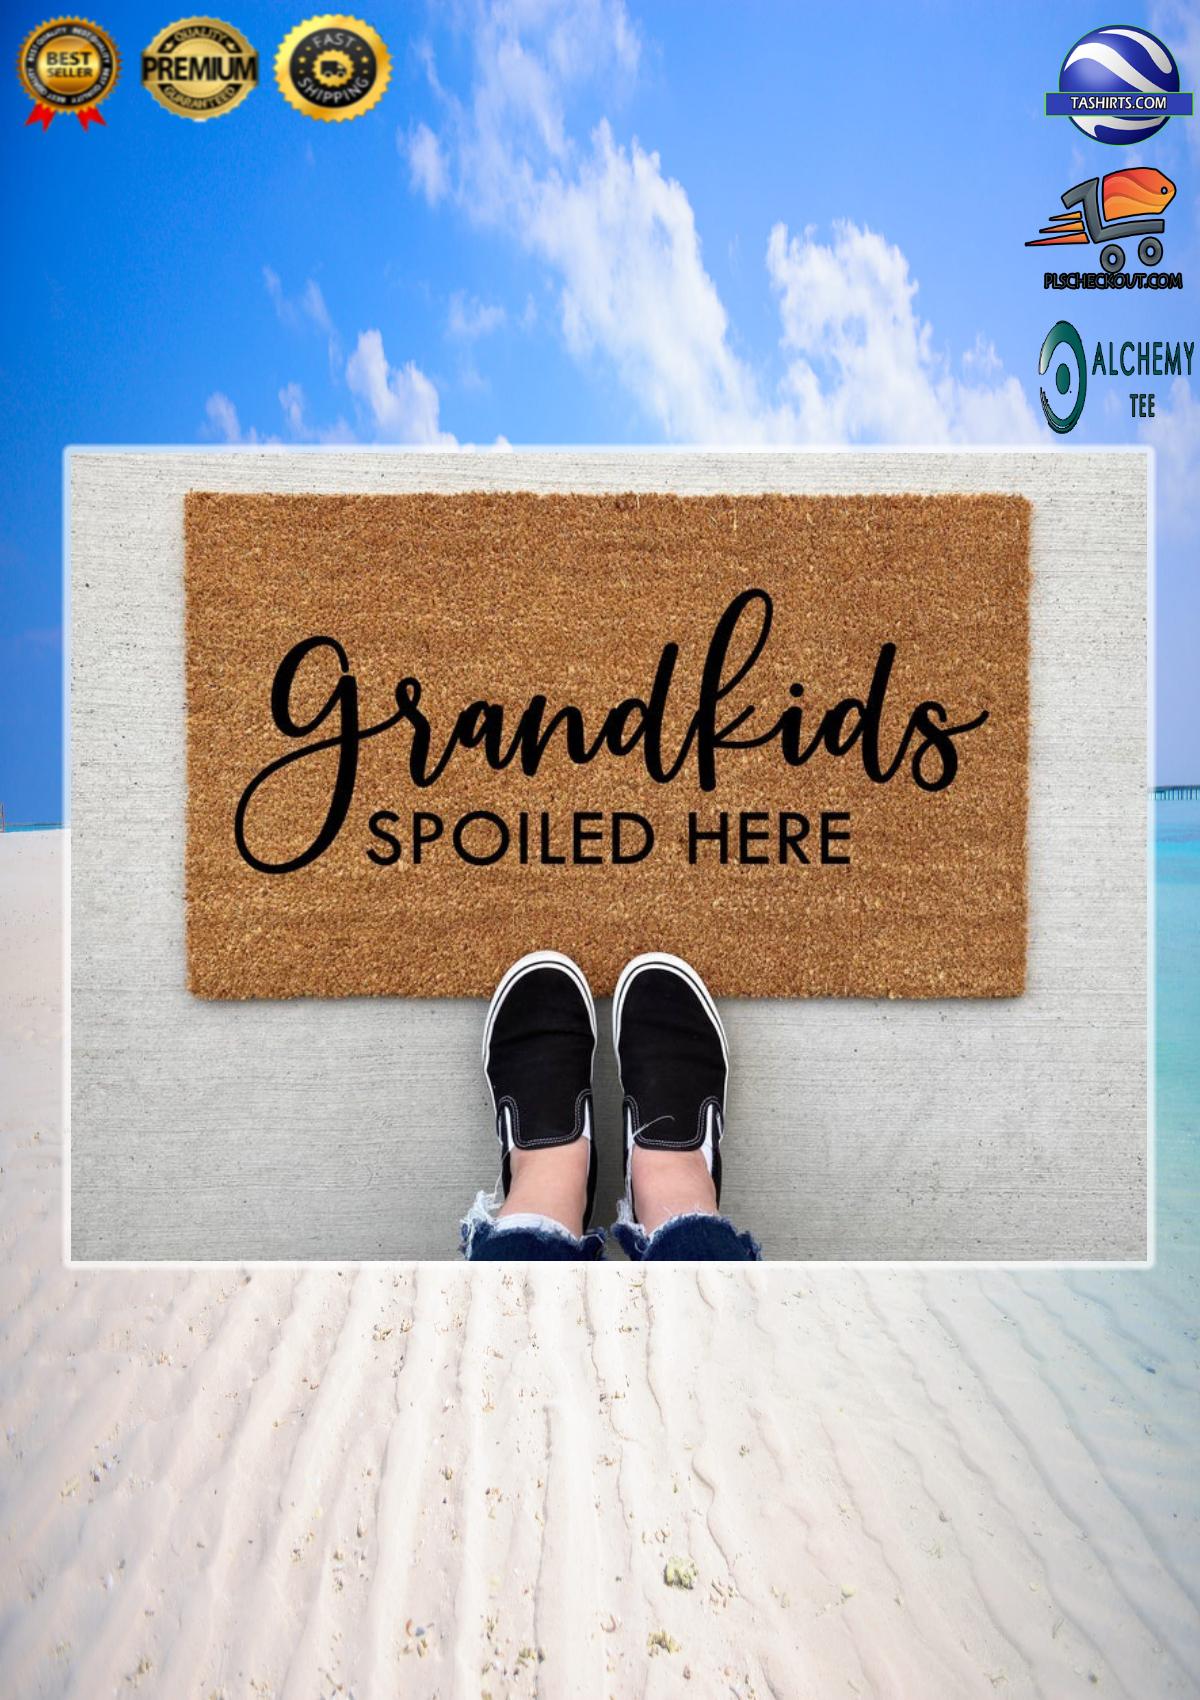 Grandkids spoiled here doormat